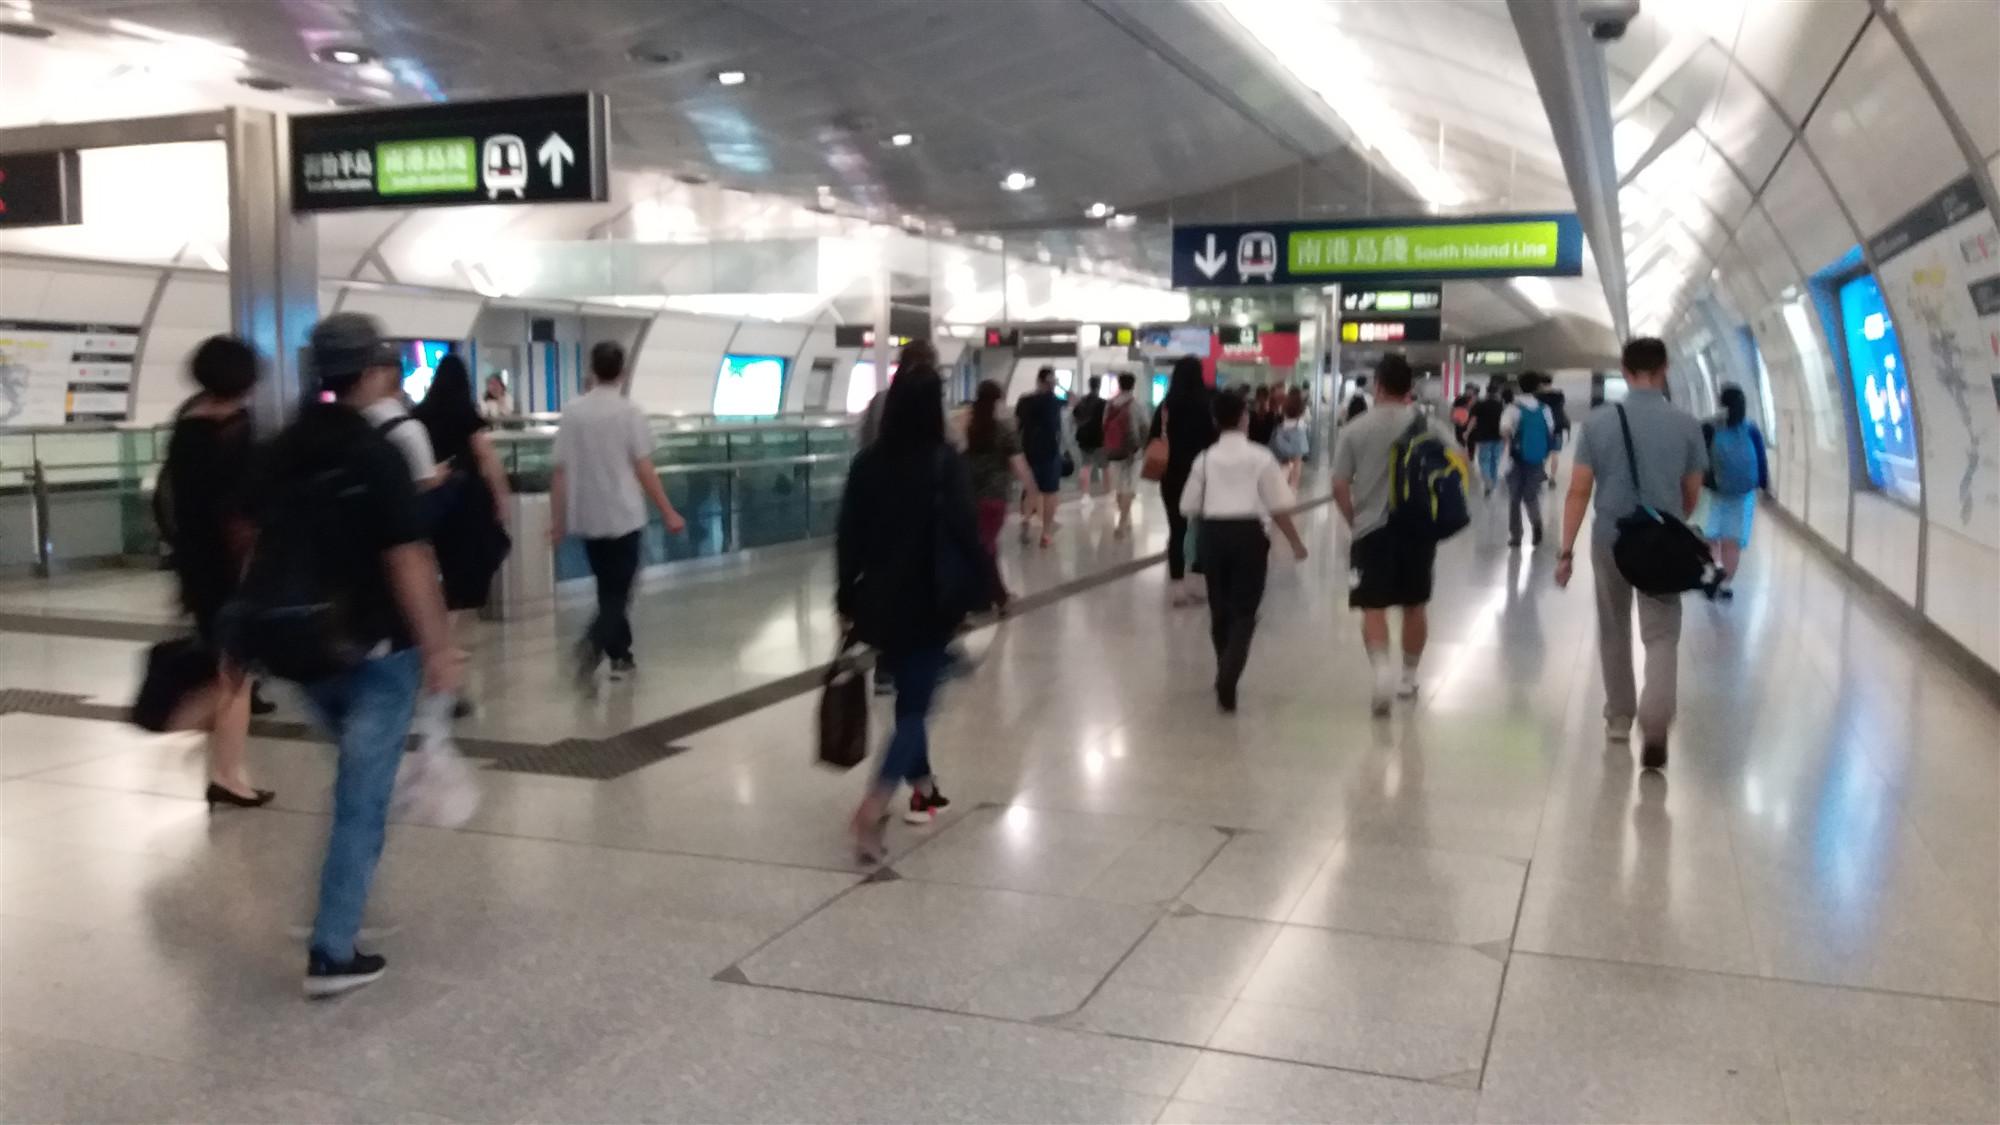 港鐵今重開大部分車站 九巴城巴維持正常服務